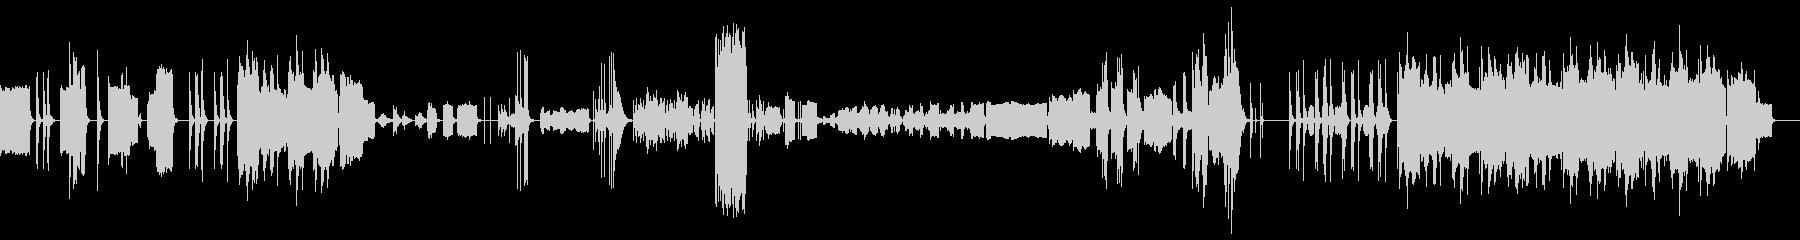 ドラマティックに展開する音楽の未再生の波形